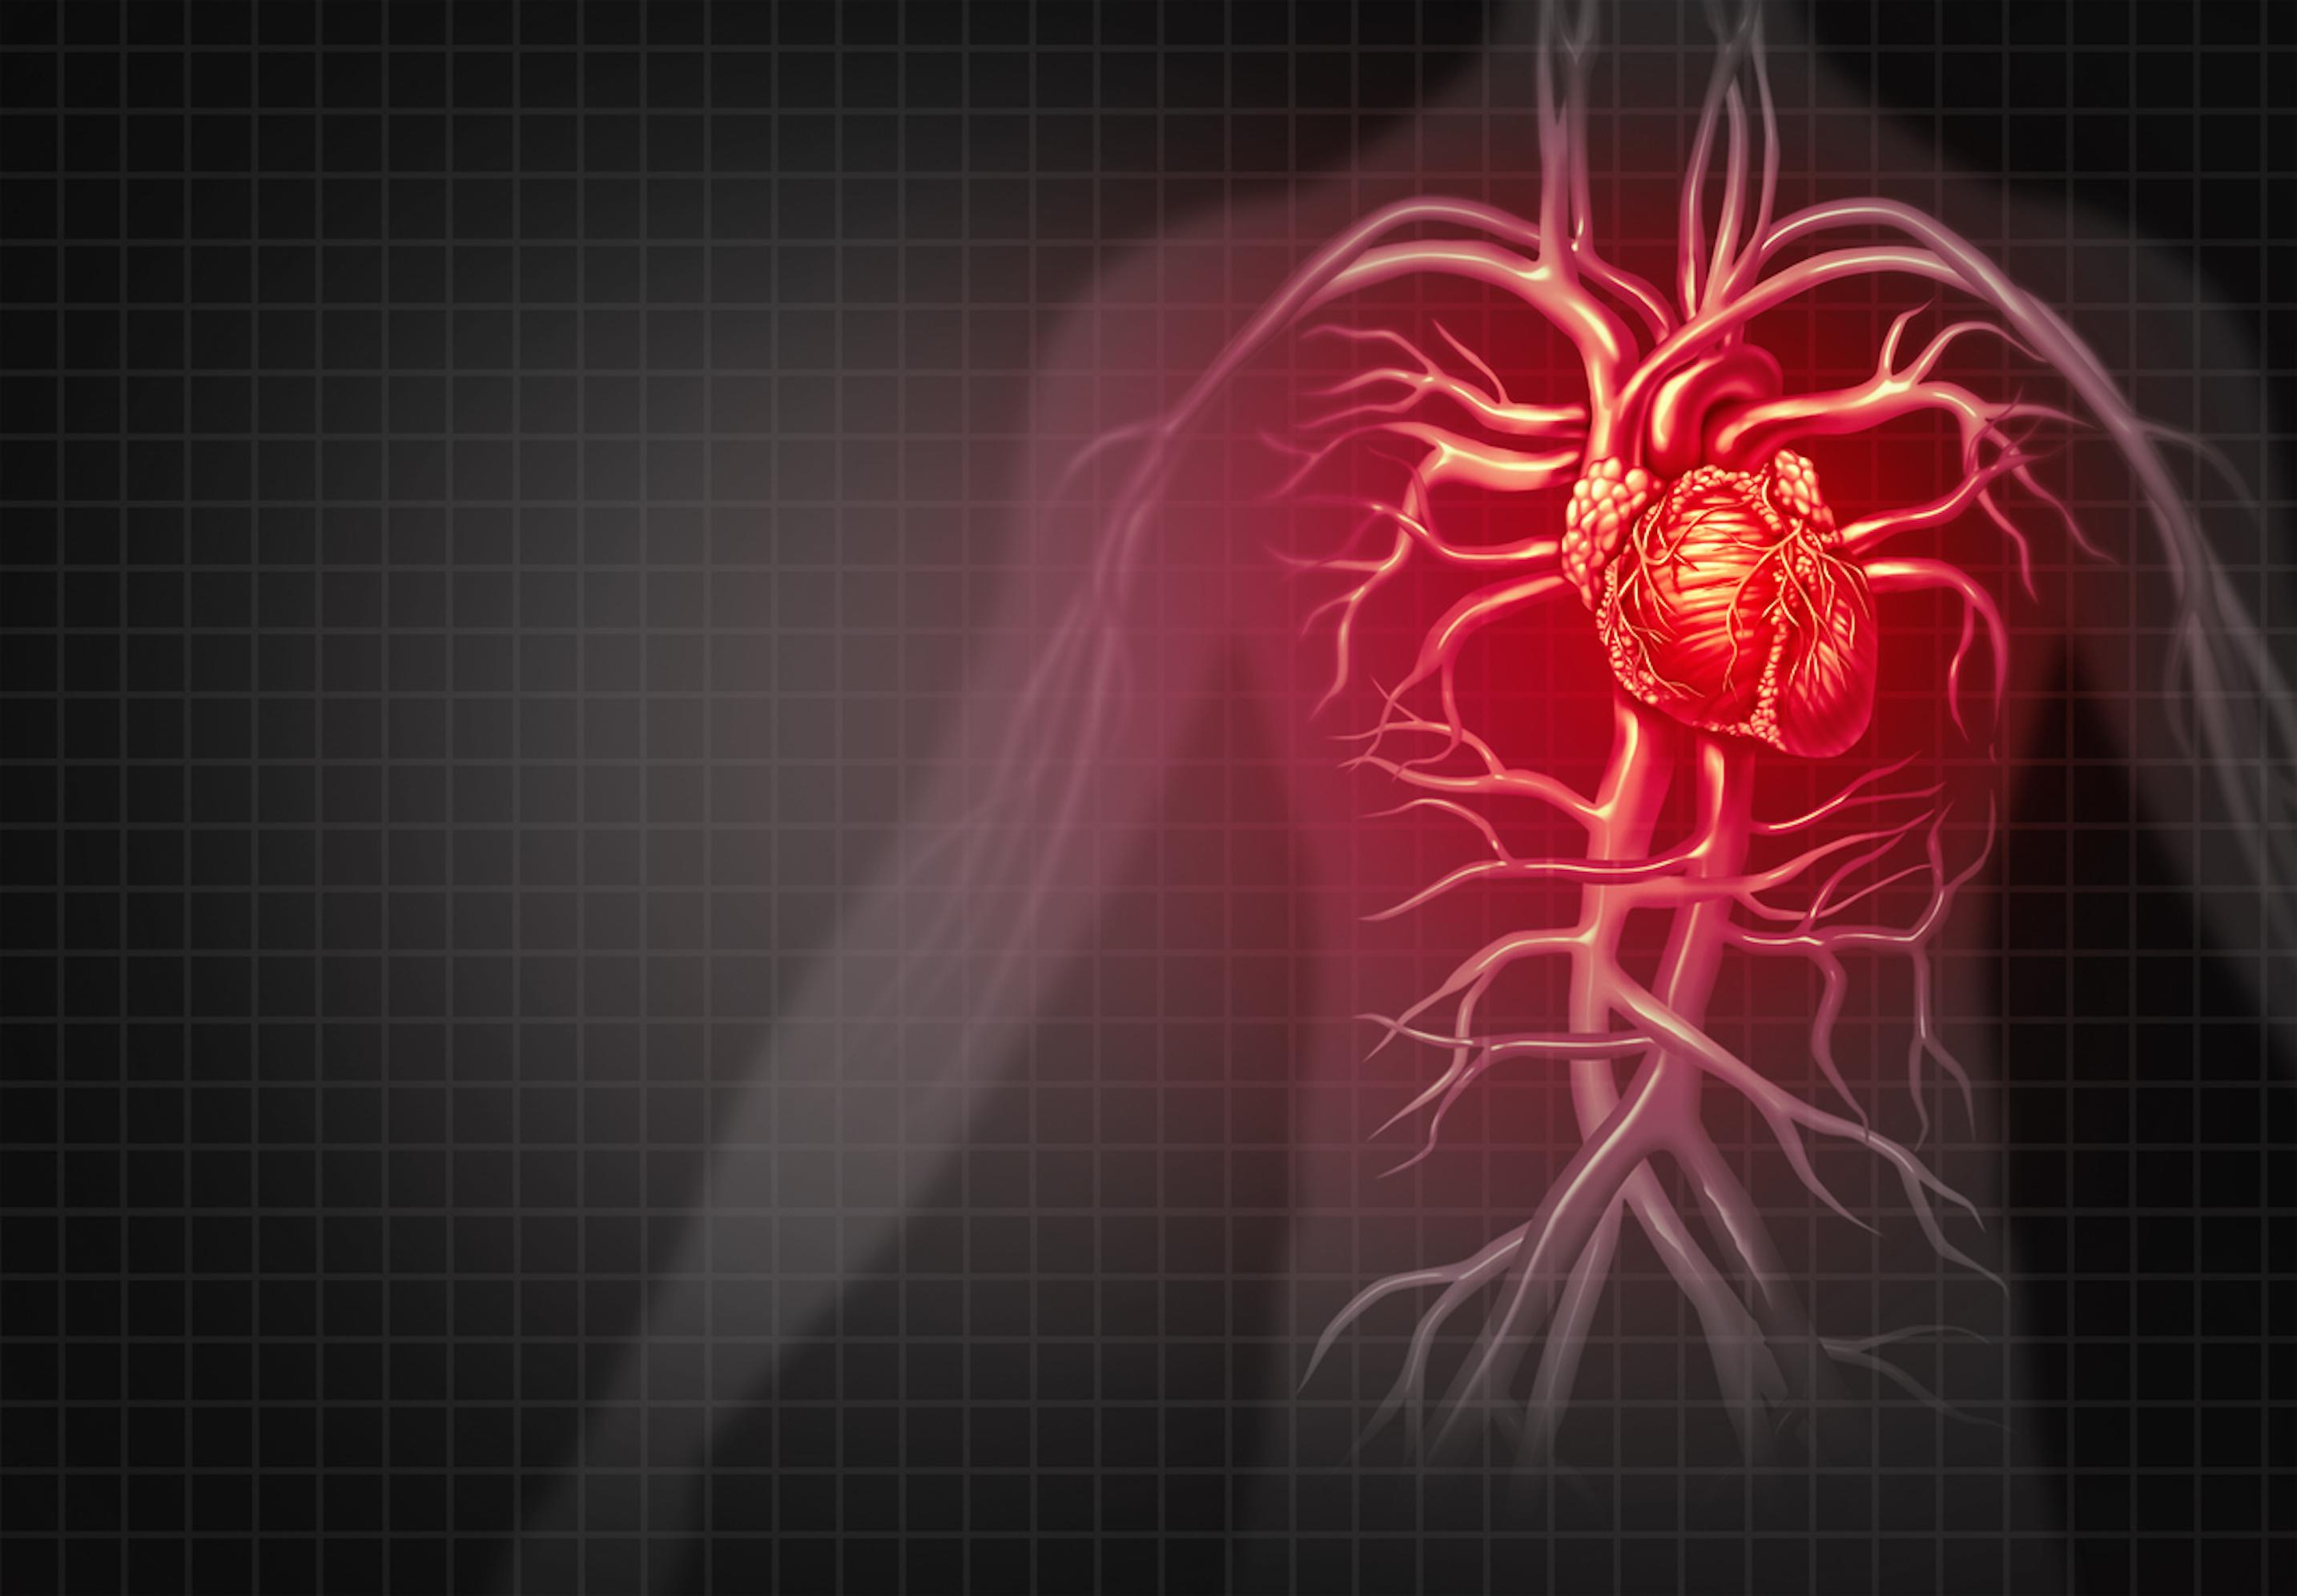 Risque cardiovasculaire : les MICI multiplient par 9 le risque de crise cardiaque